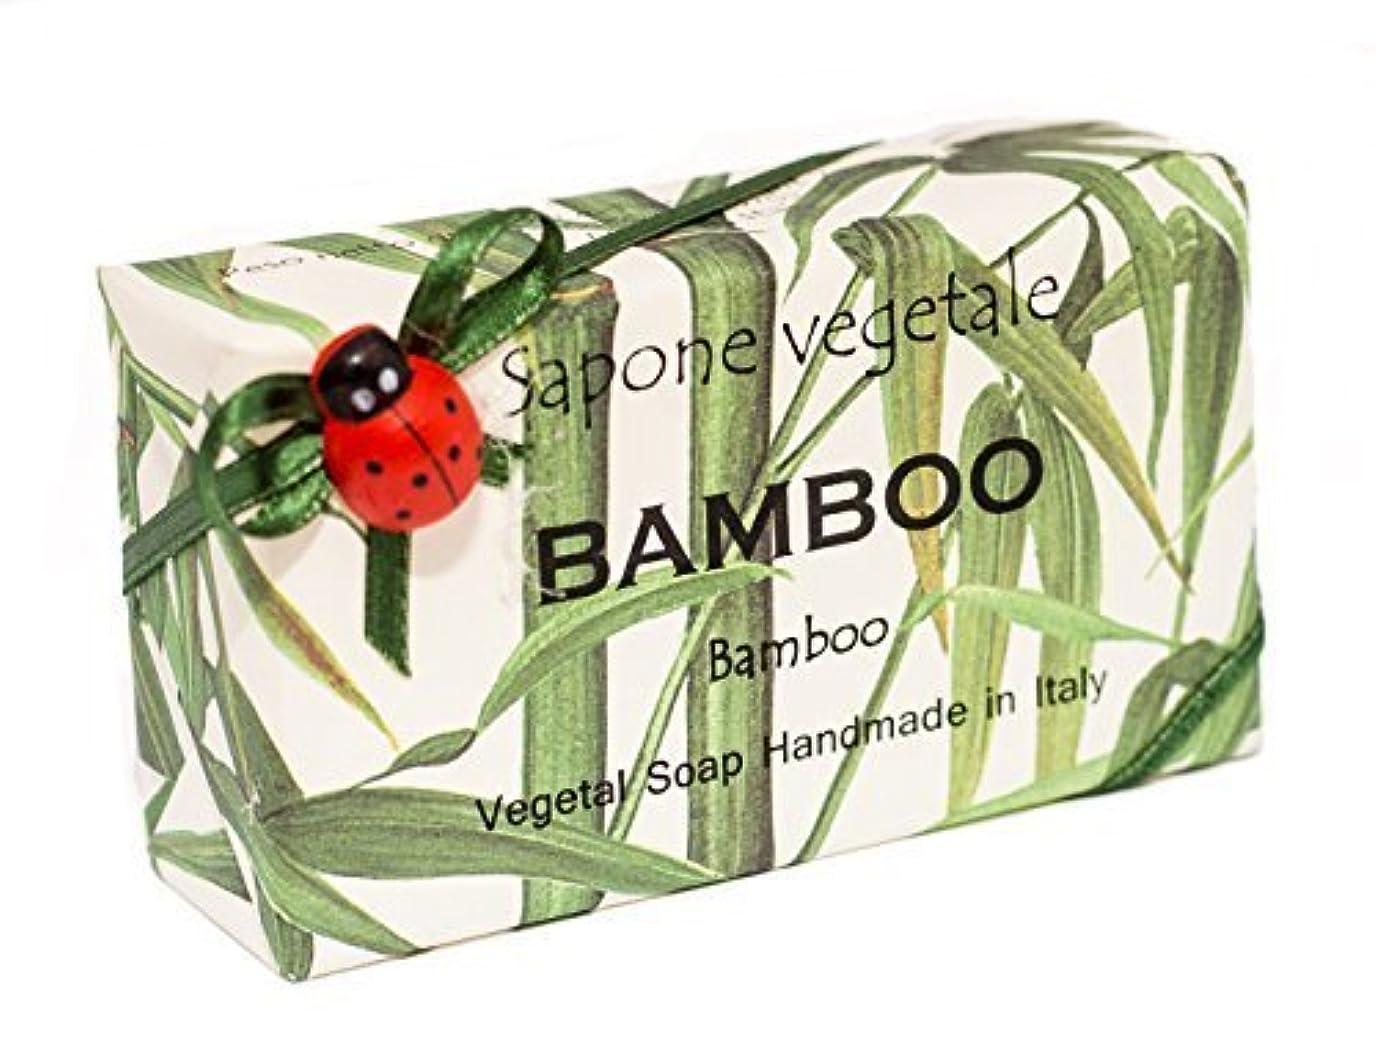 愛する解明する分析Alchimia 高級ギフトボックス付きイタリアから竹、野菜手作り石鹸バー、 [並行輸入品]